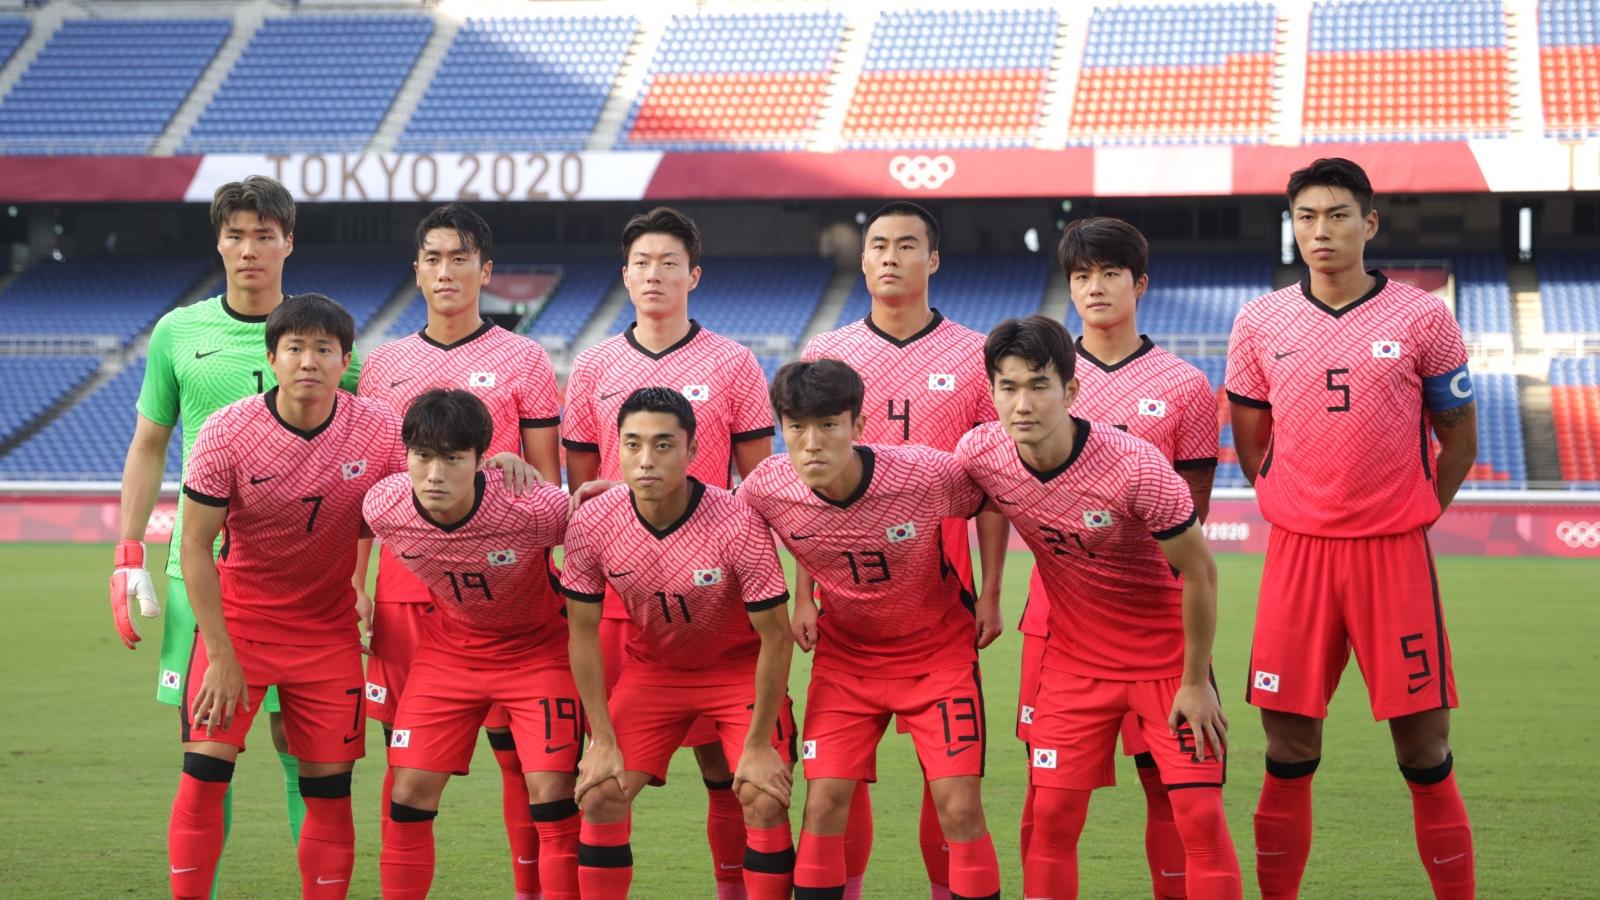 TRỰC TIẾP Hàn Quốc 1-0 Honduras: Hwang Ui-Jo mở tỷ số trên chấm phạt đền